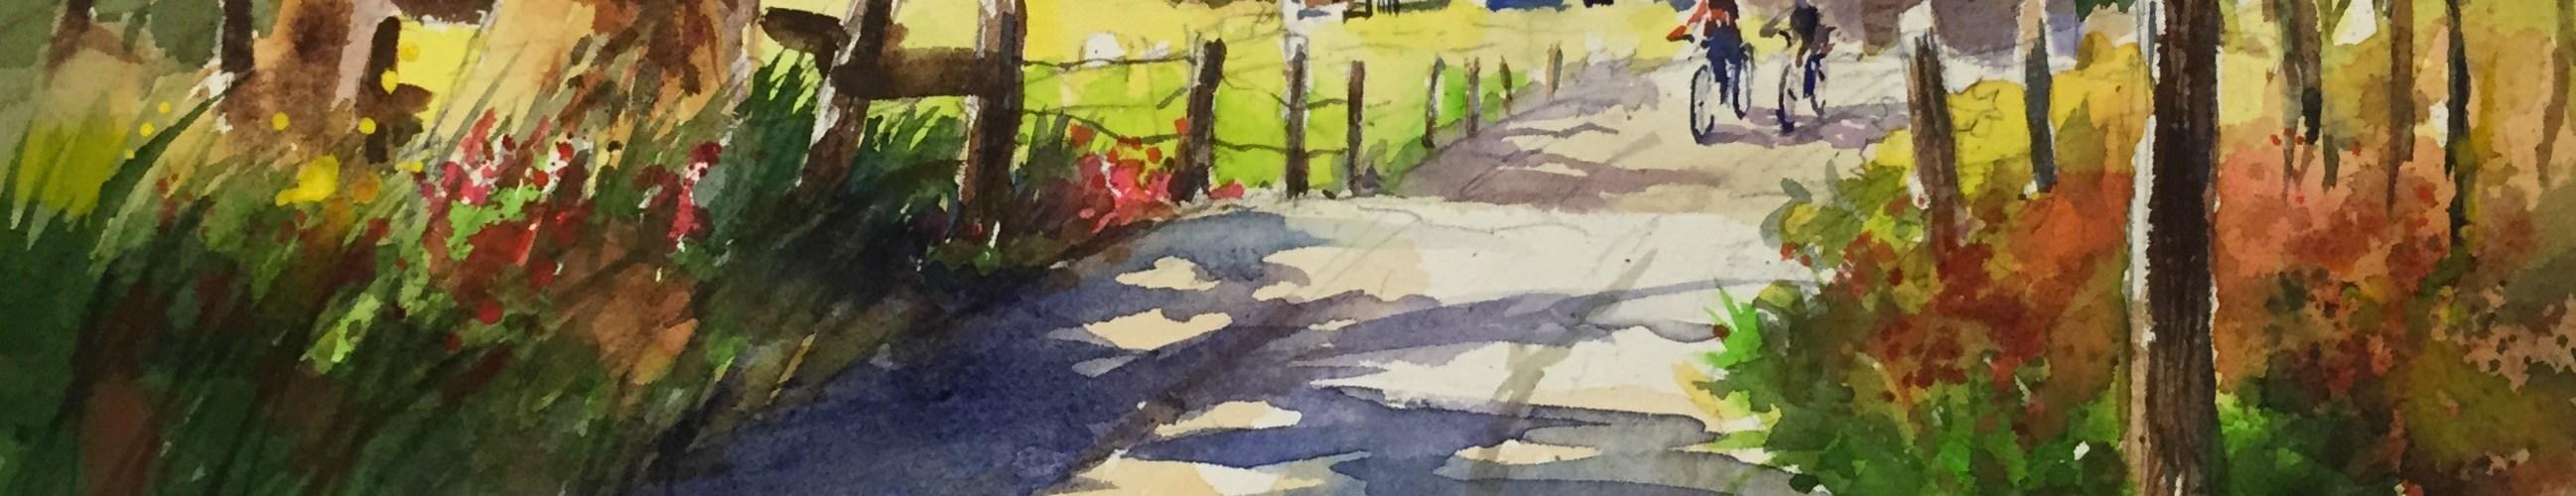 Peter O'Brien Original Watercolor